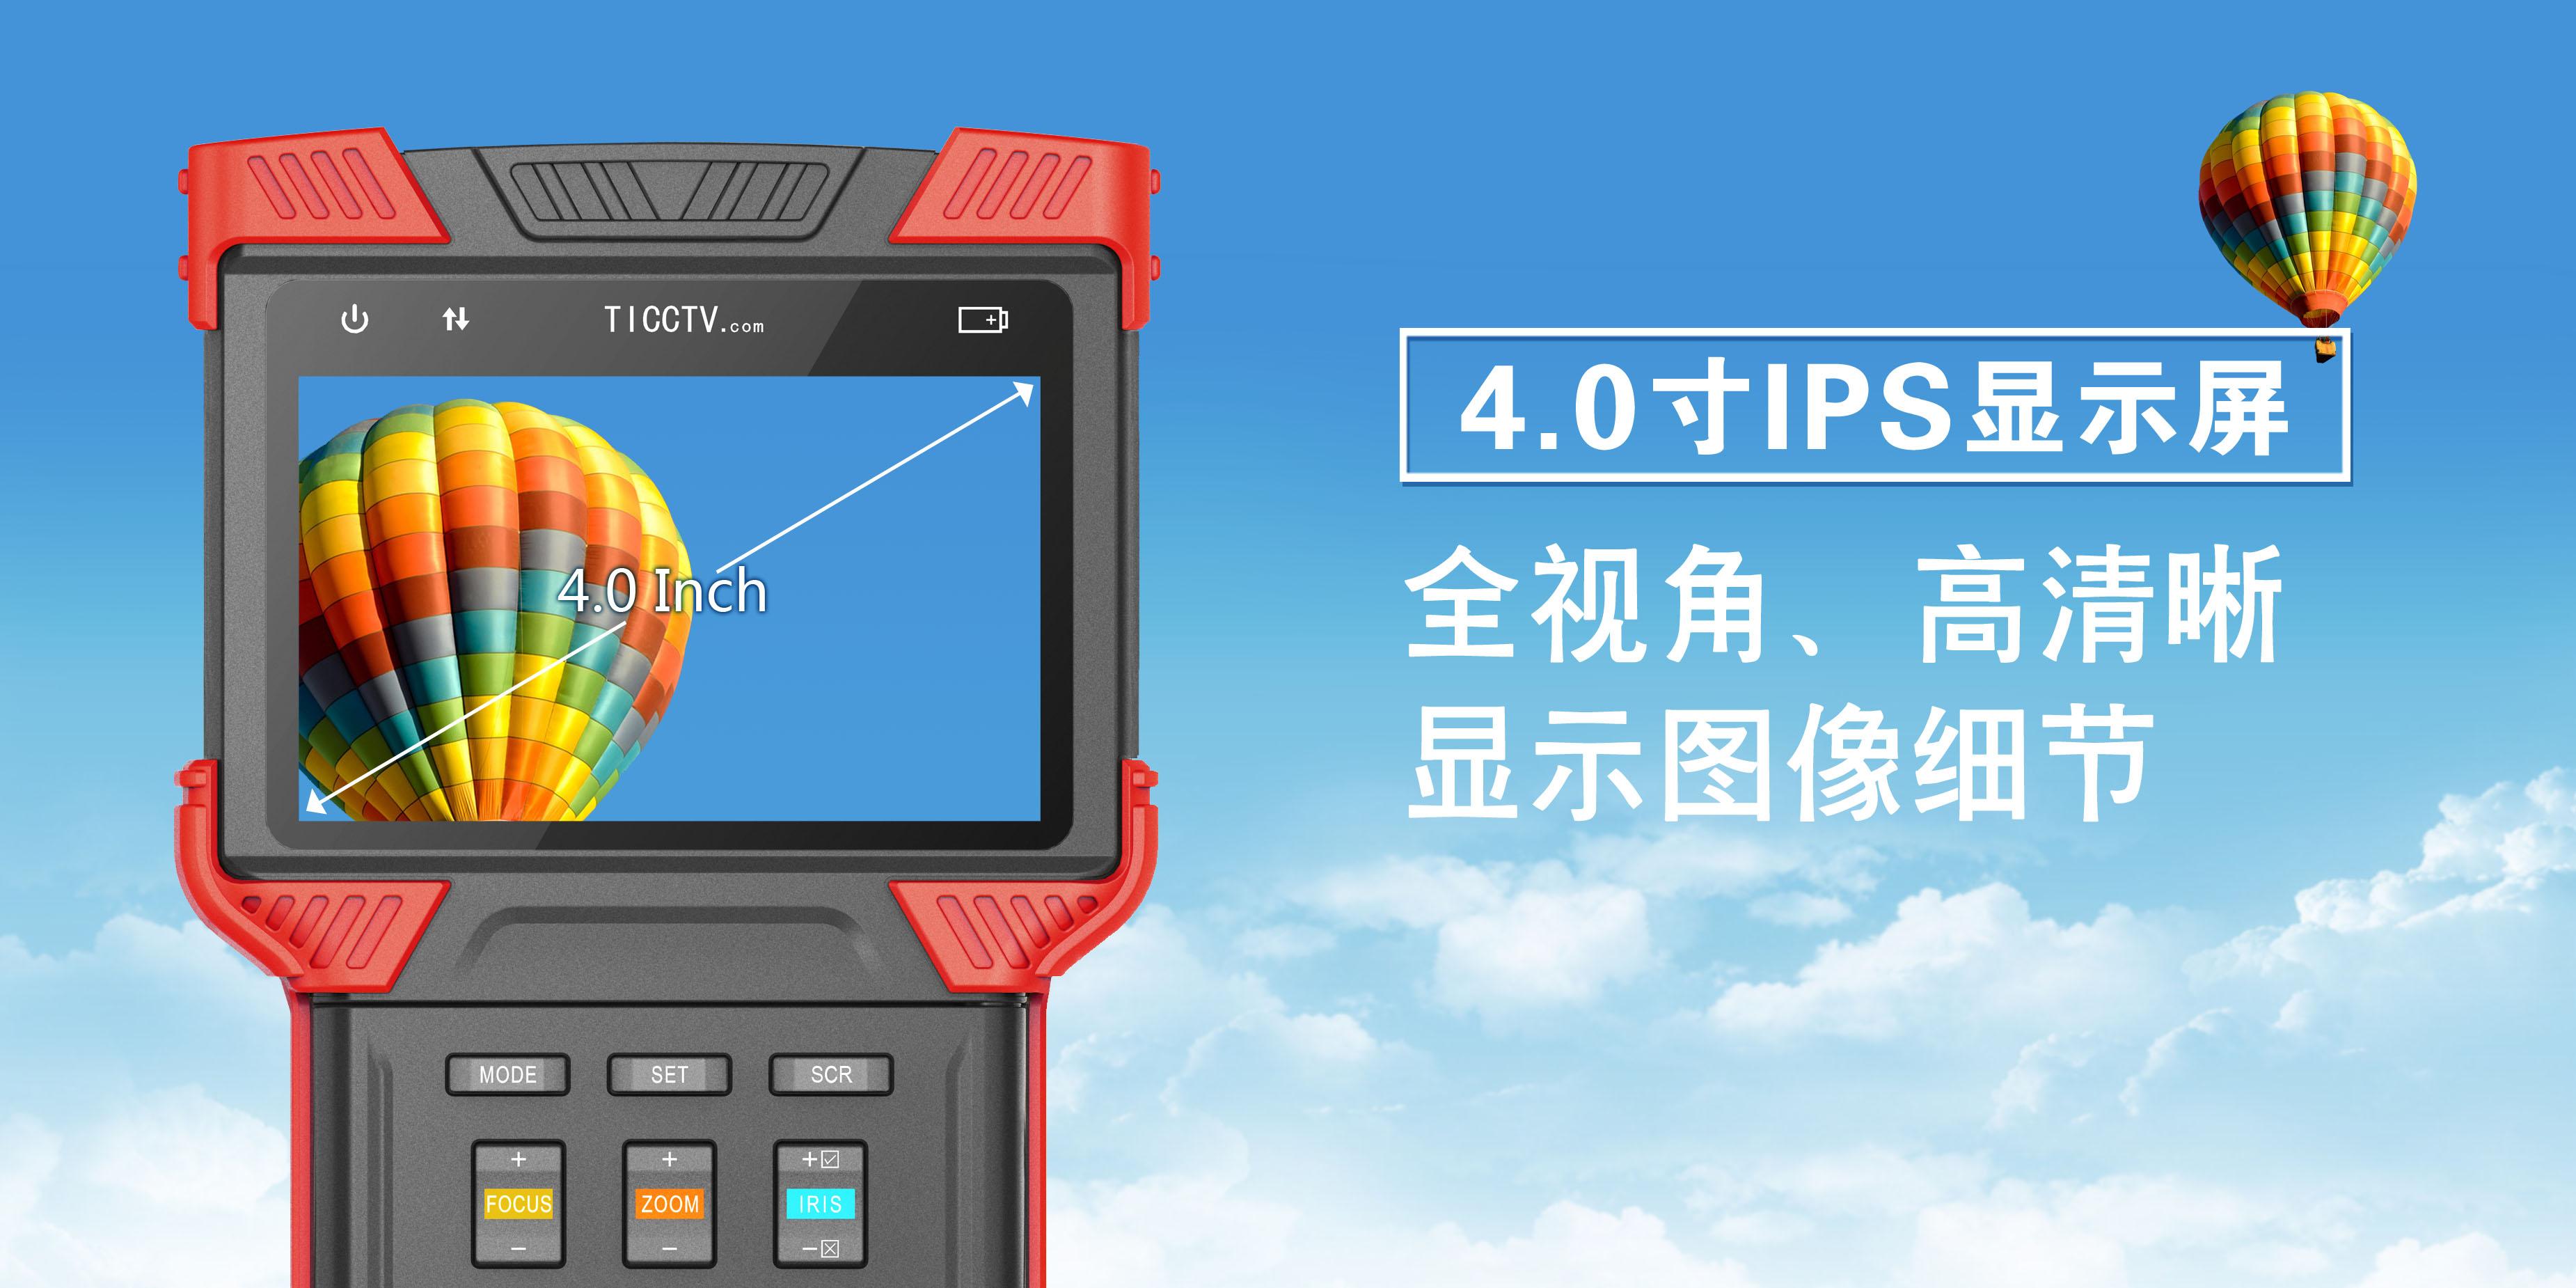 4.0英寸IPS显示屏